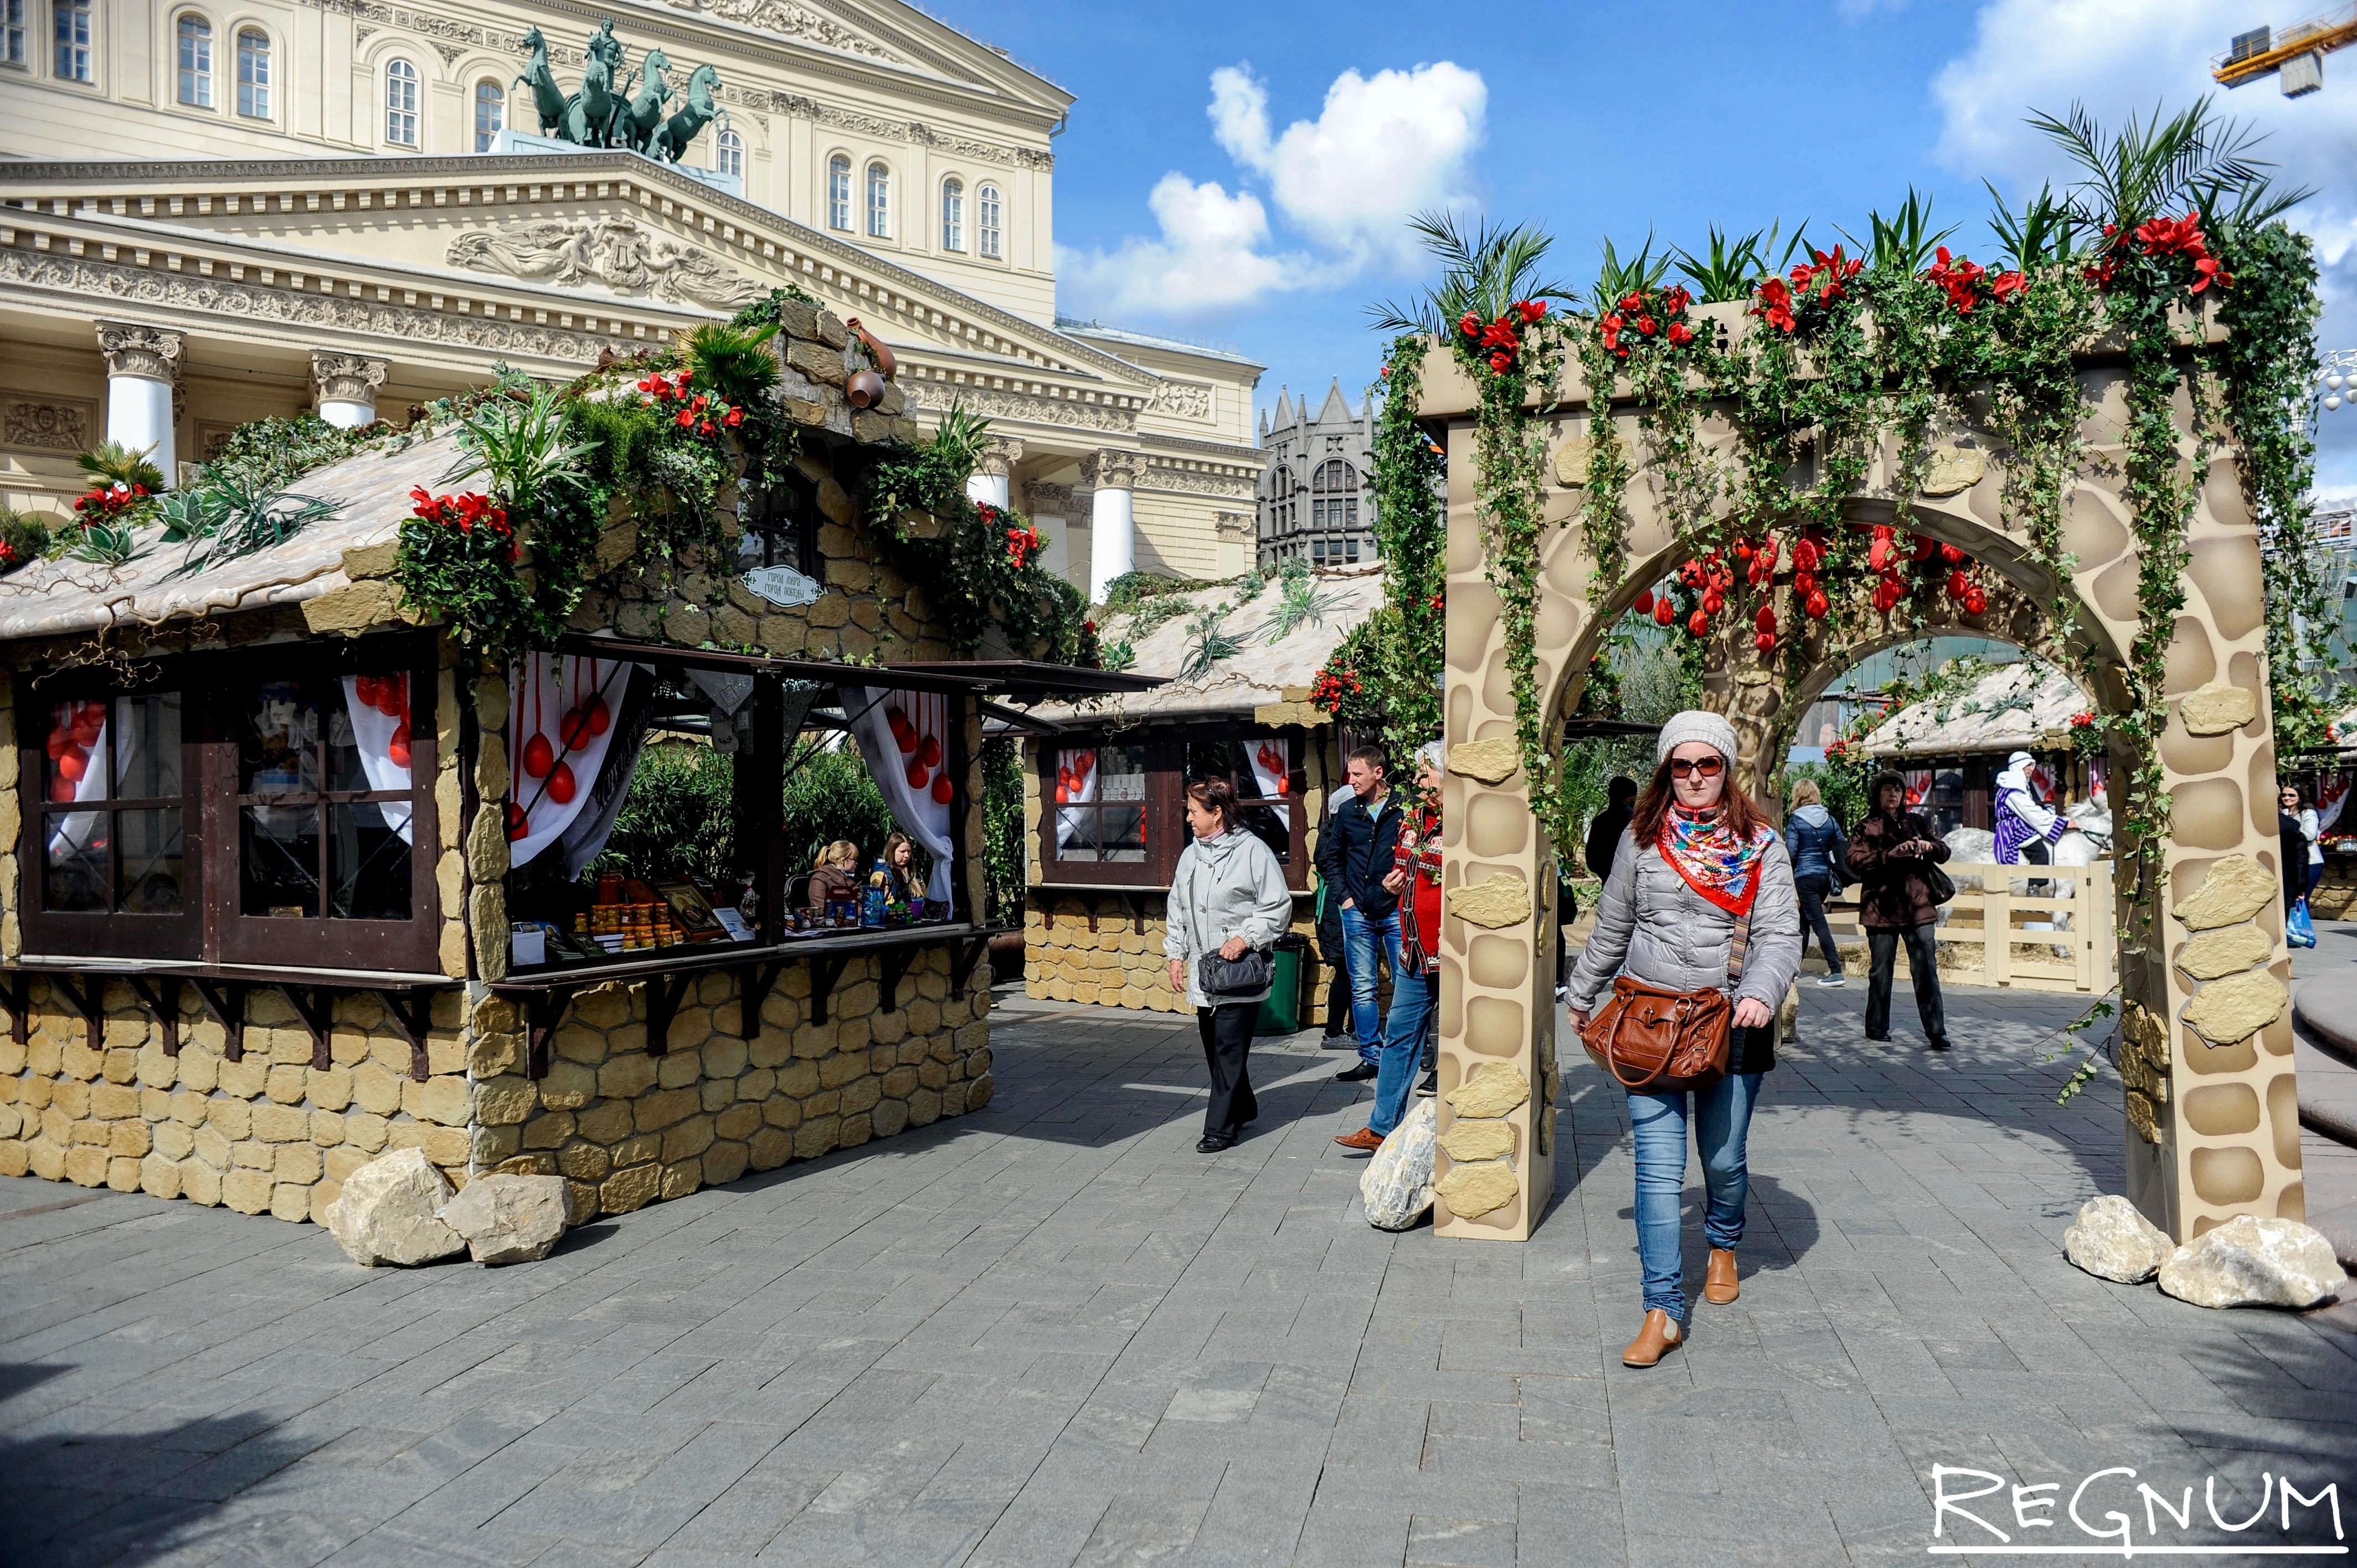 фестиваль московская весна фотографии часто посещаю